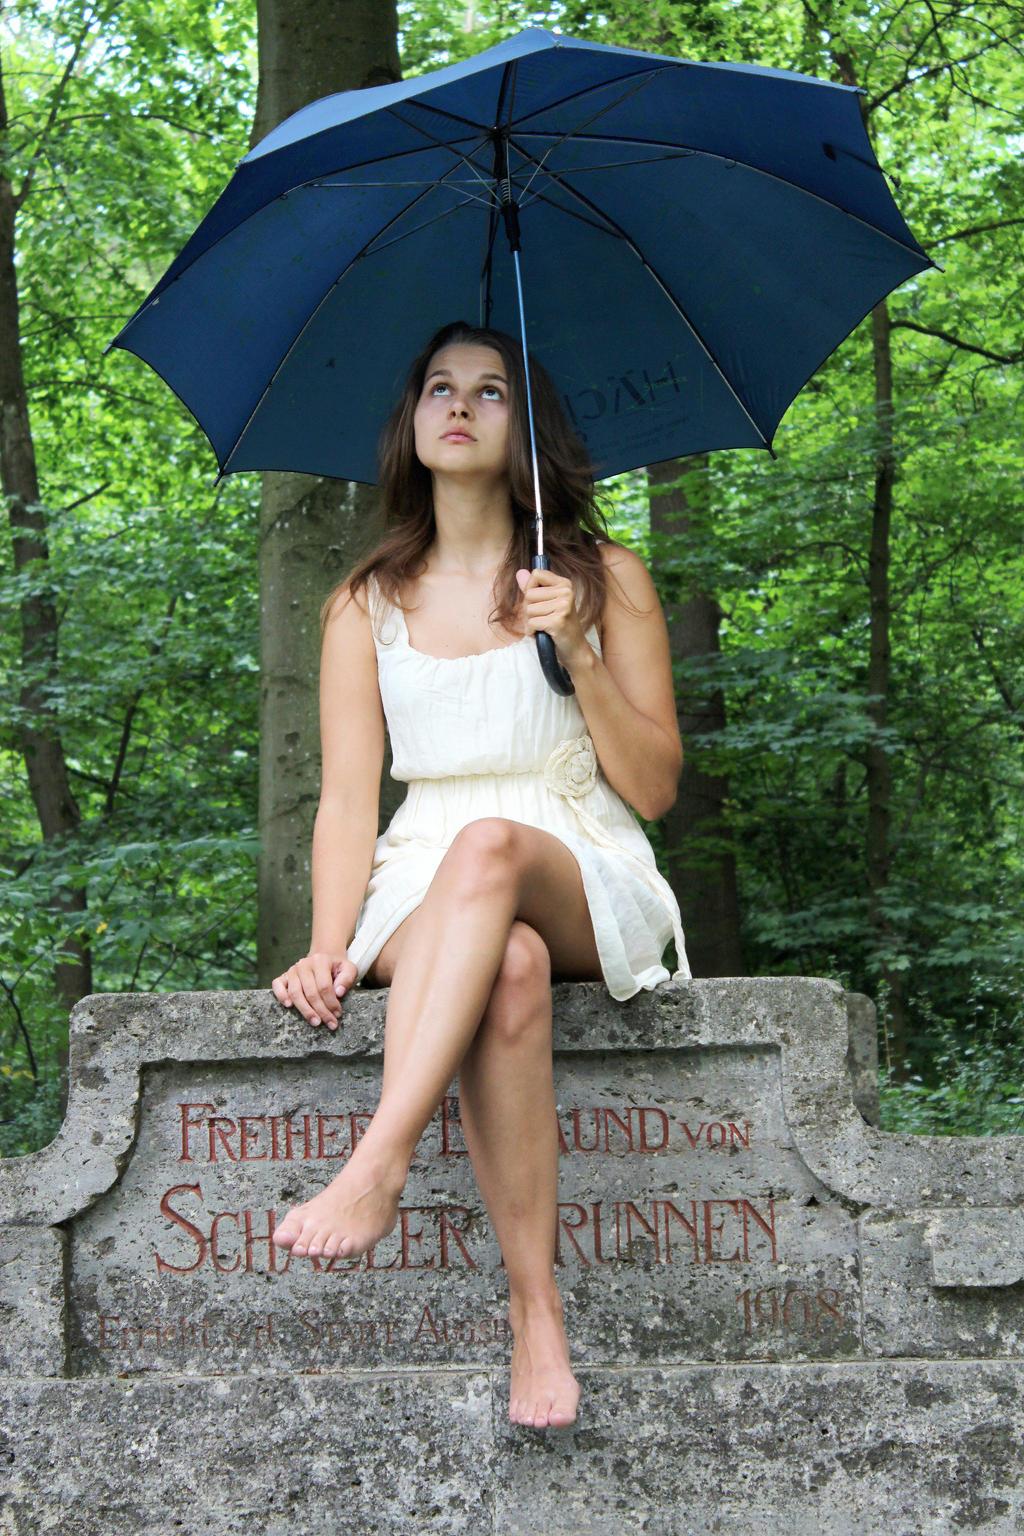 No Rain by sukoley